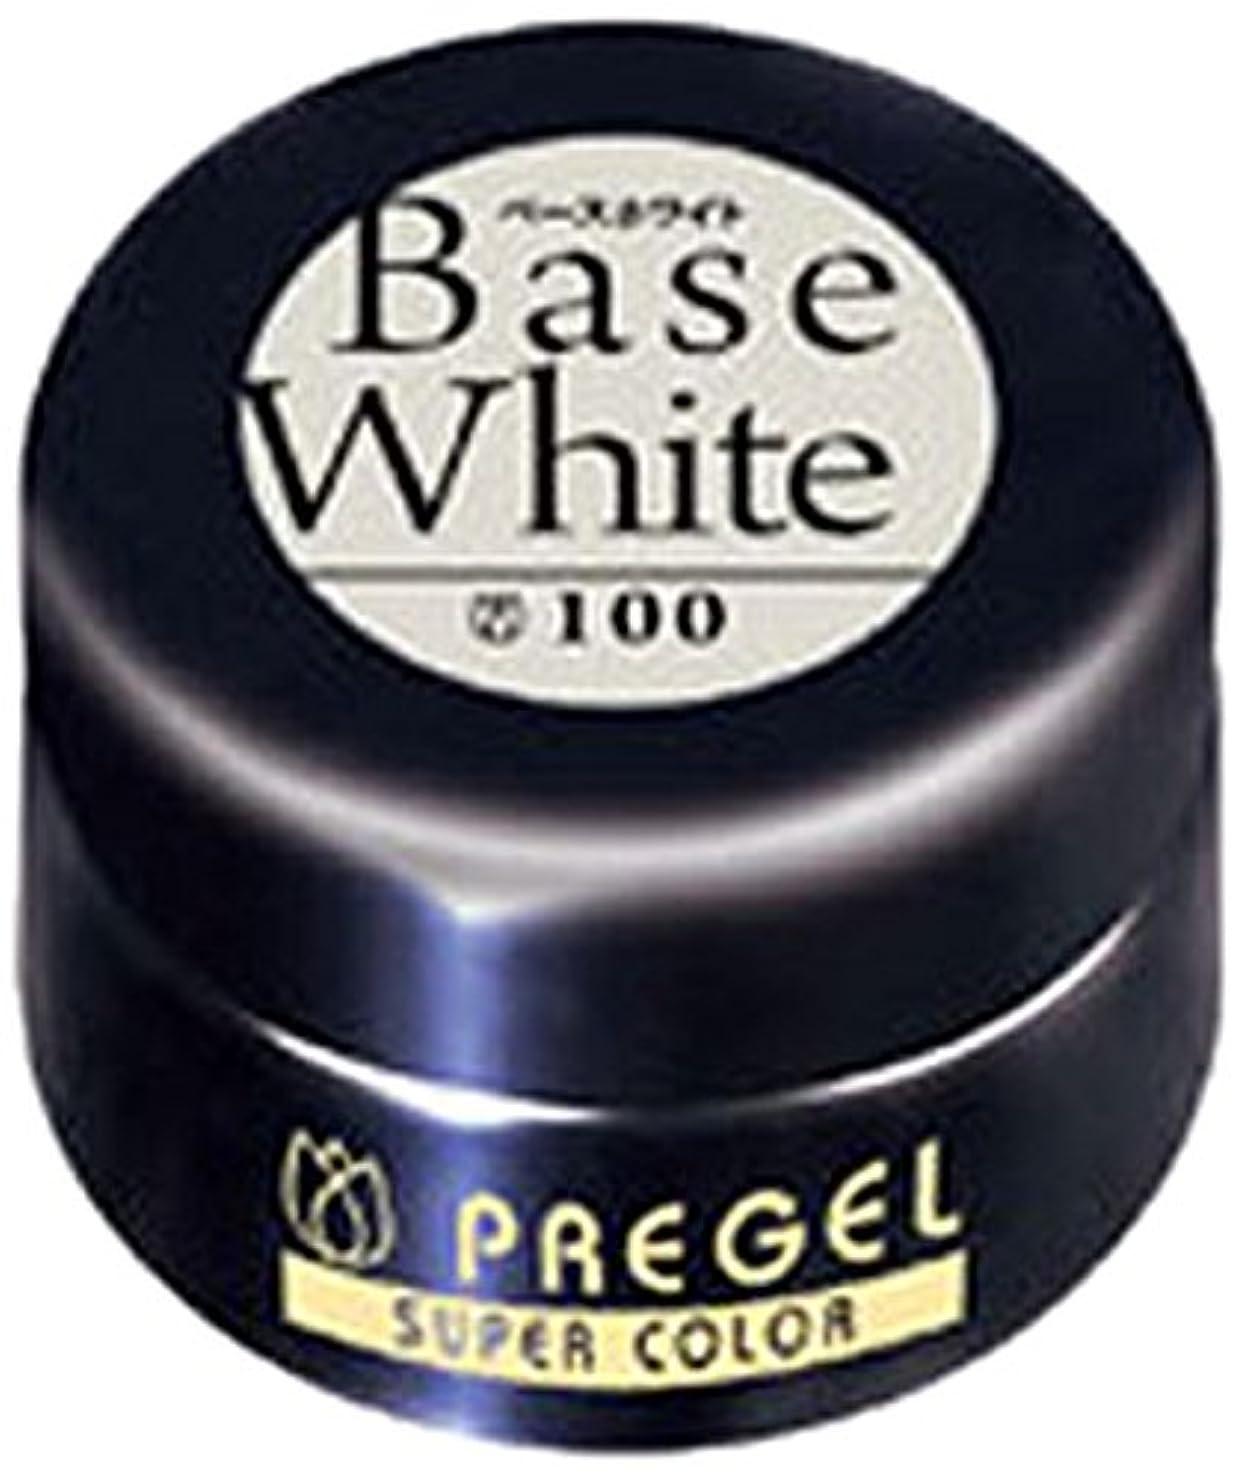 ハプニング円形セブンプリジェル スーパーカラーEX ベースホワイト 4g PG-SE100 カラージェル